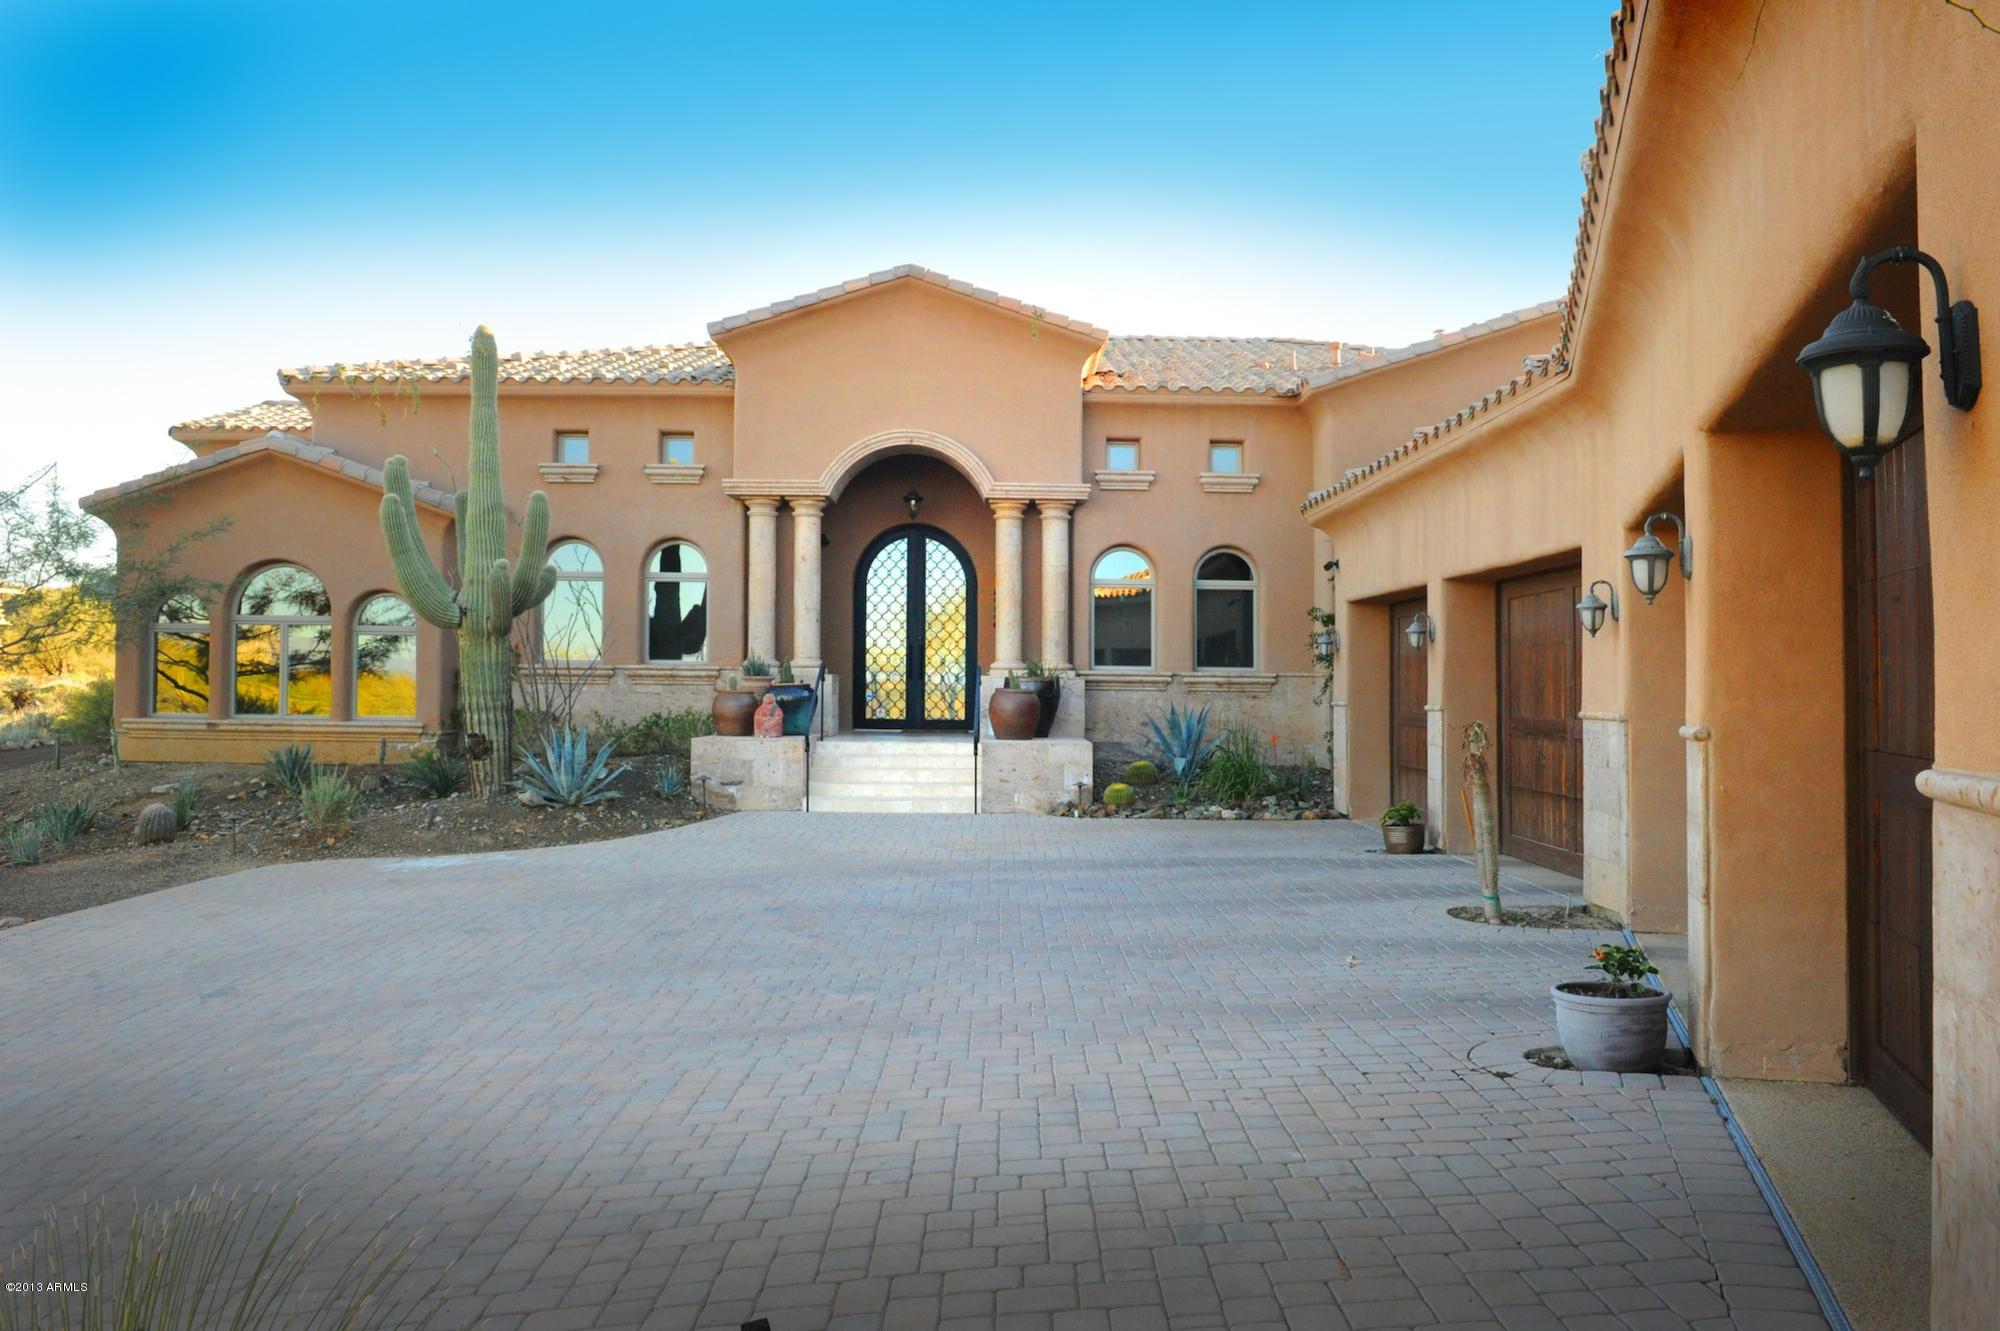 14317 ZORRA Way, Fountain Hills, Arizona 85268, 4 Bedrooms Bedrooms, ,4.5 BathroomsBathrooms,Residential,For Sale,ZORRA,5035240